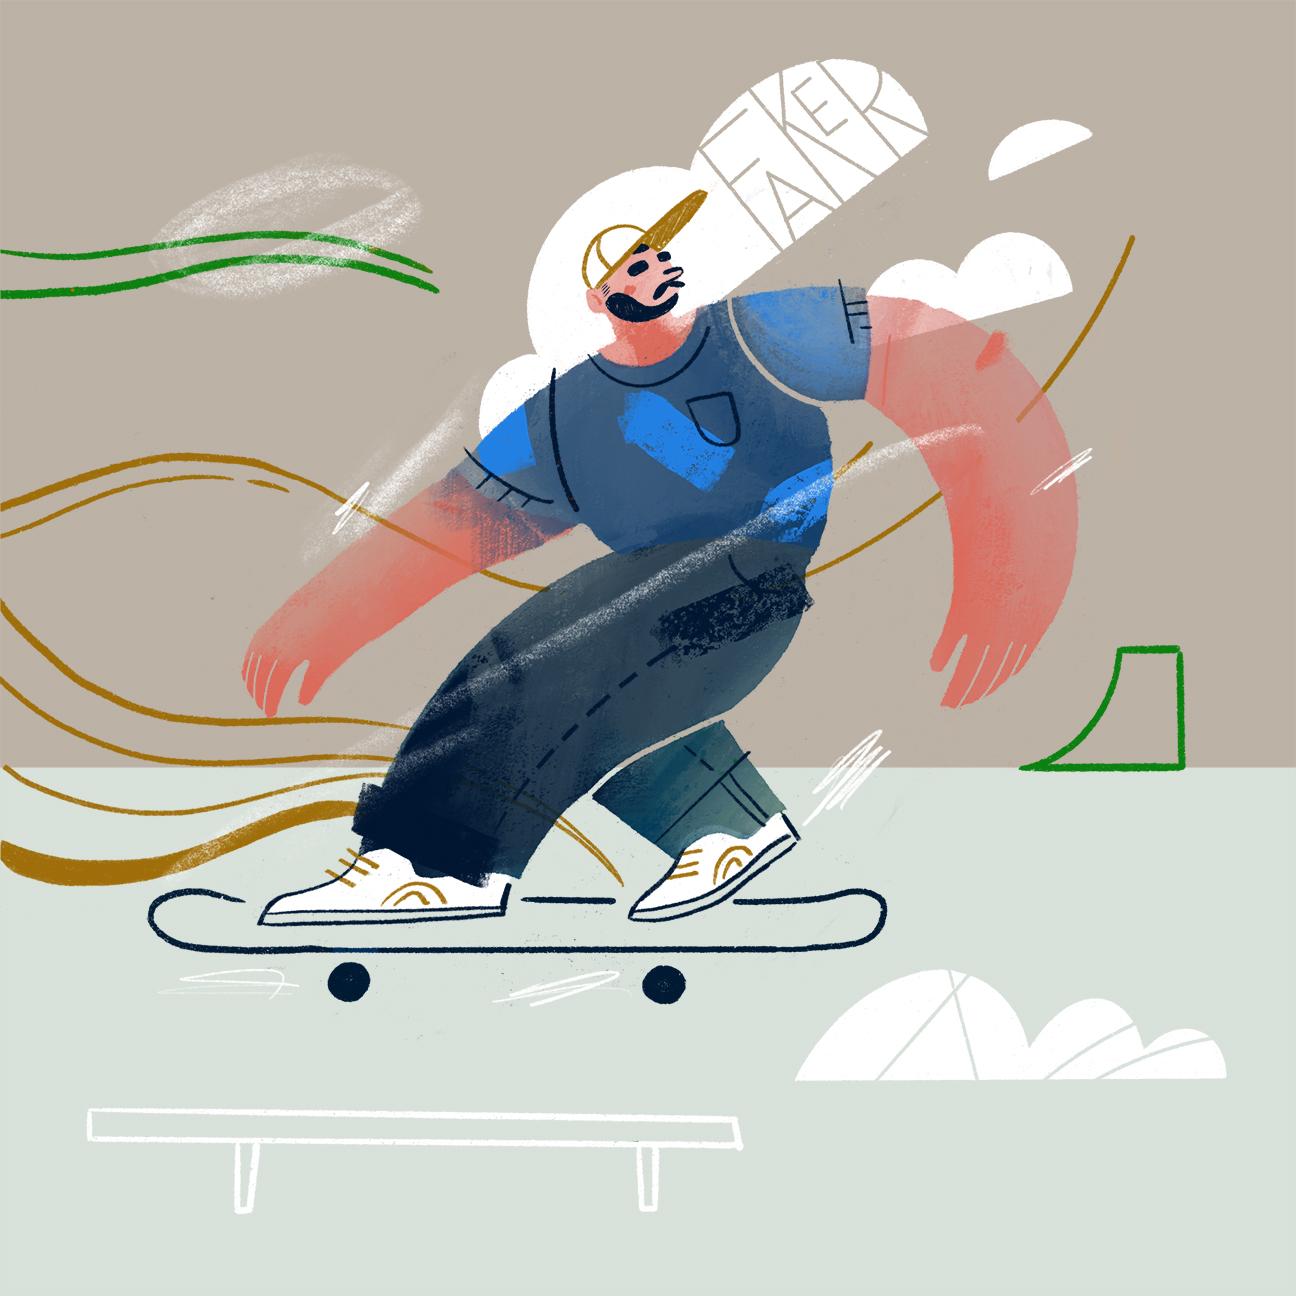 billferenc_skater.jpg